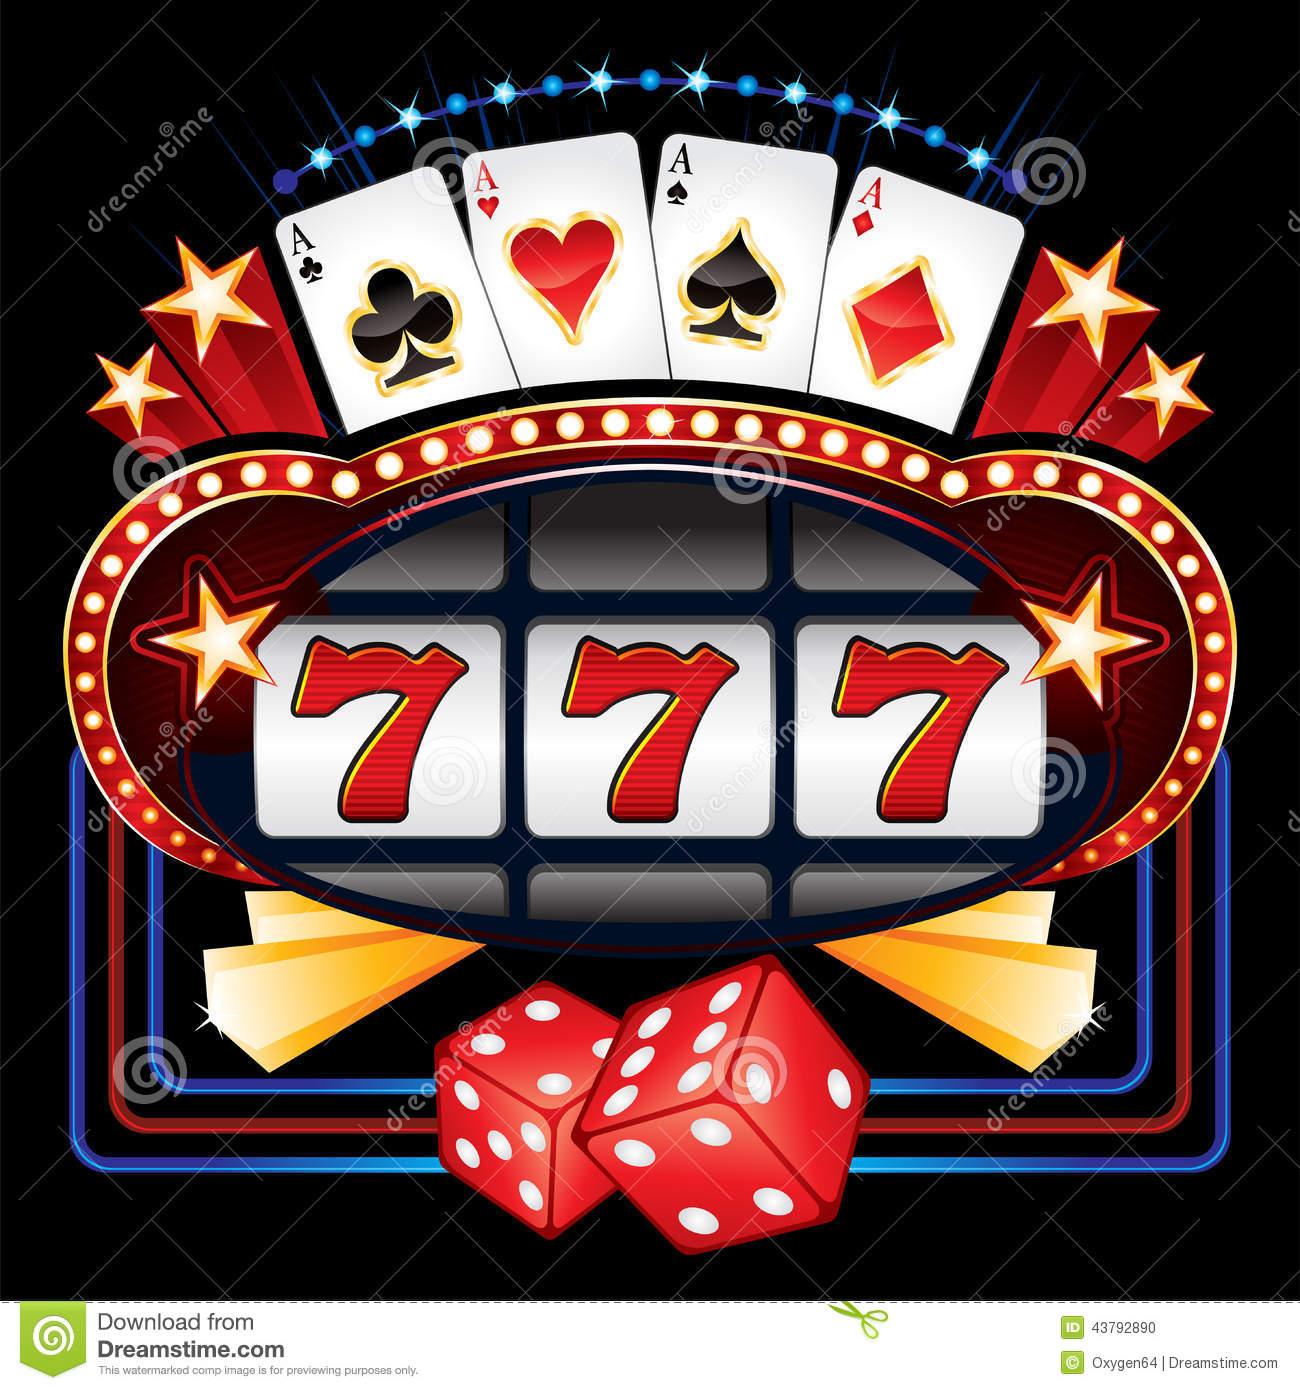 Jeux casino : des applications pour jouer